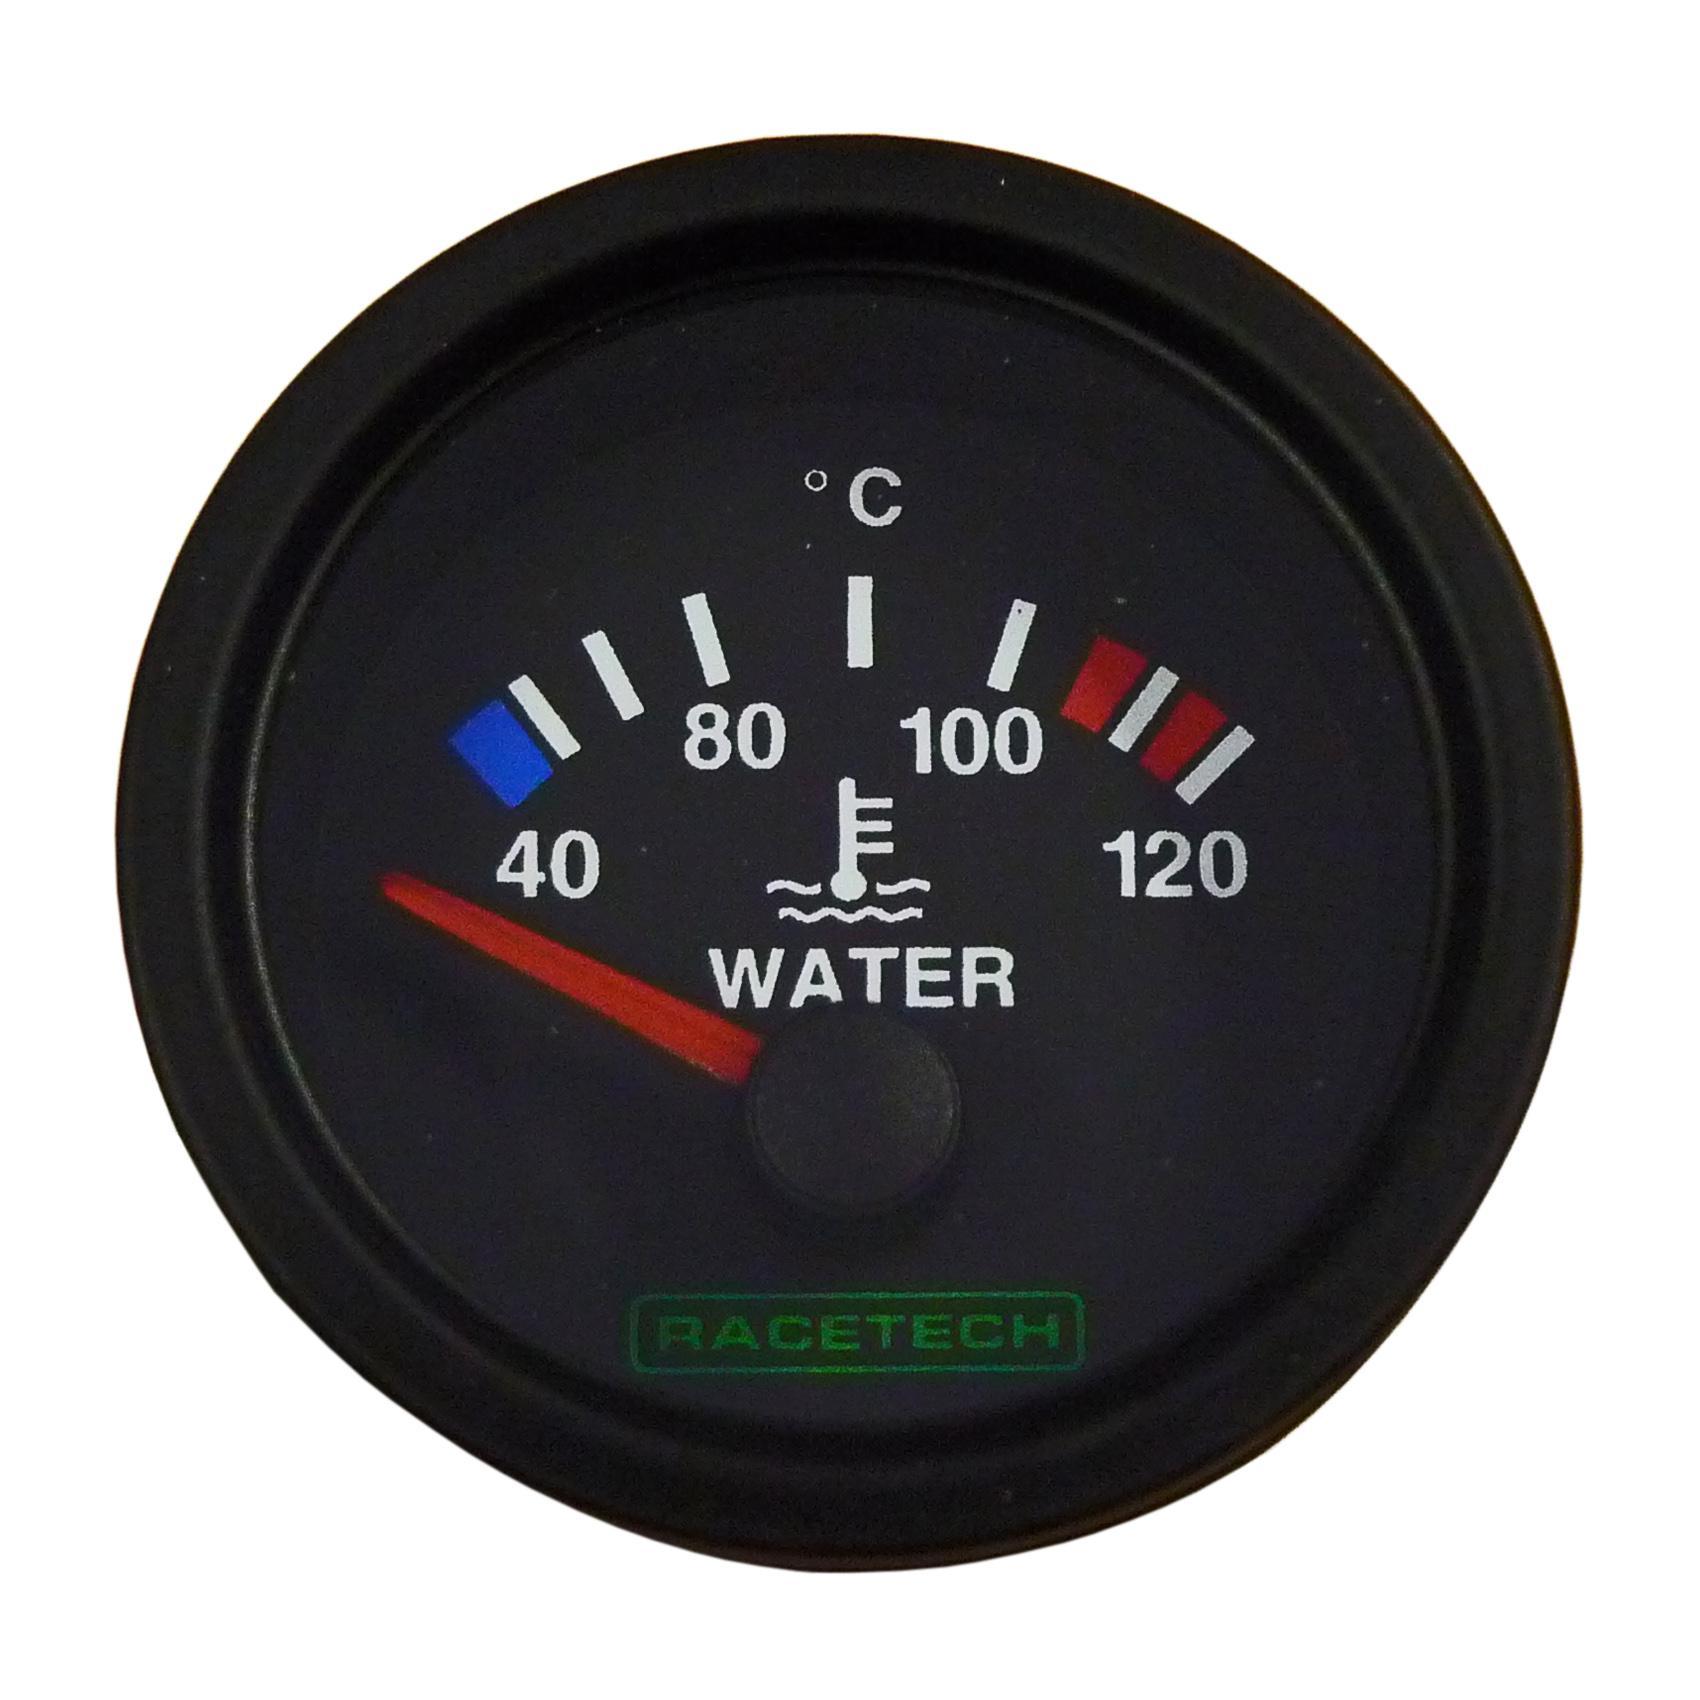 Racetech Electric Water Temperature Gauge from Merlin Motorsport